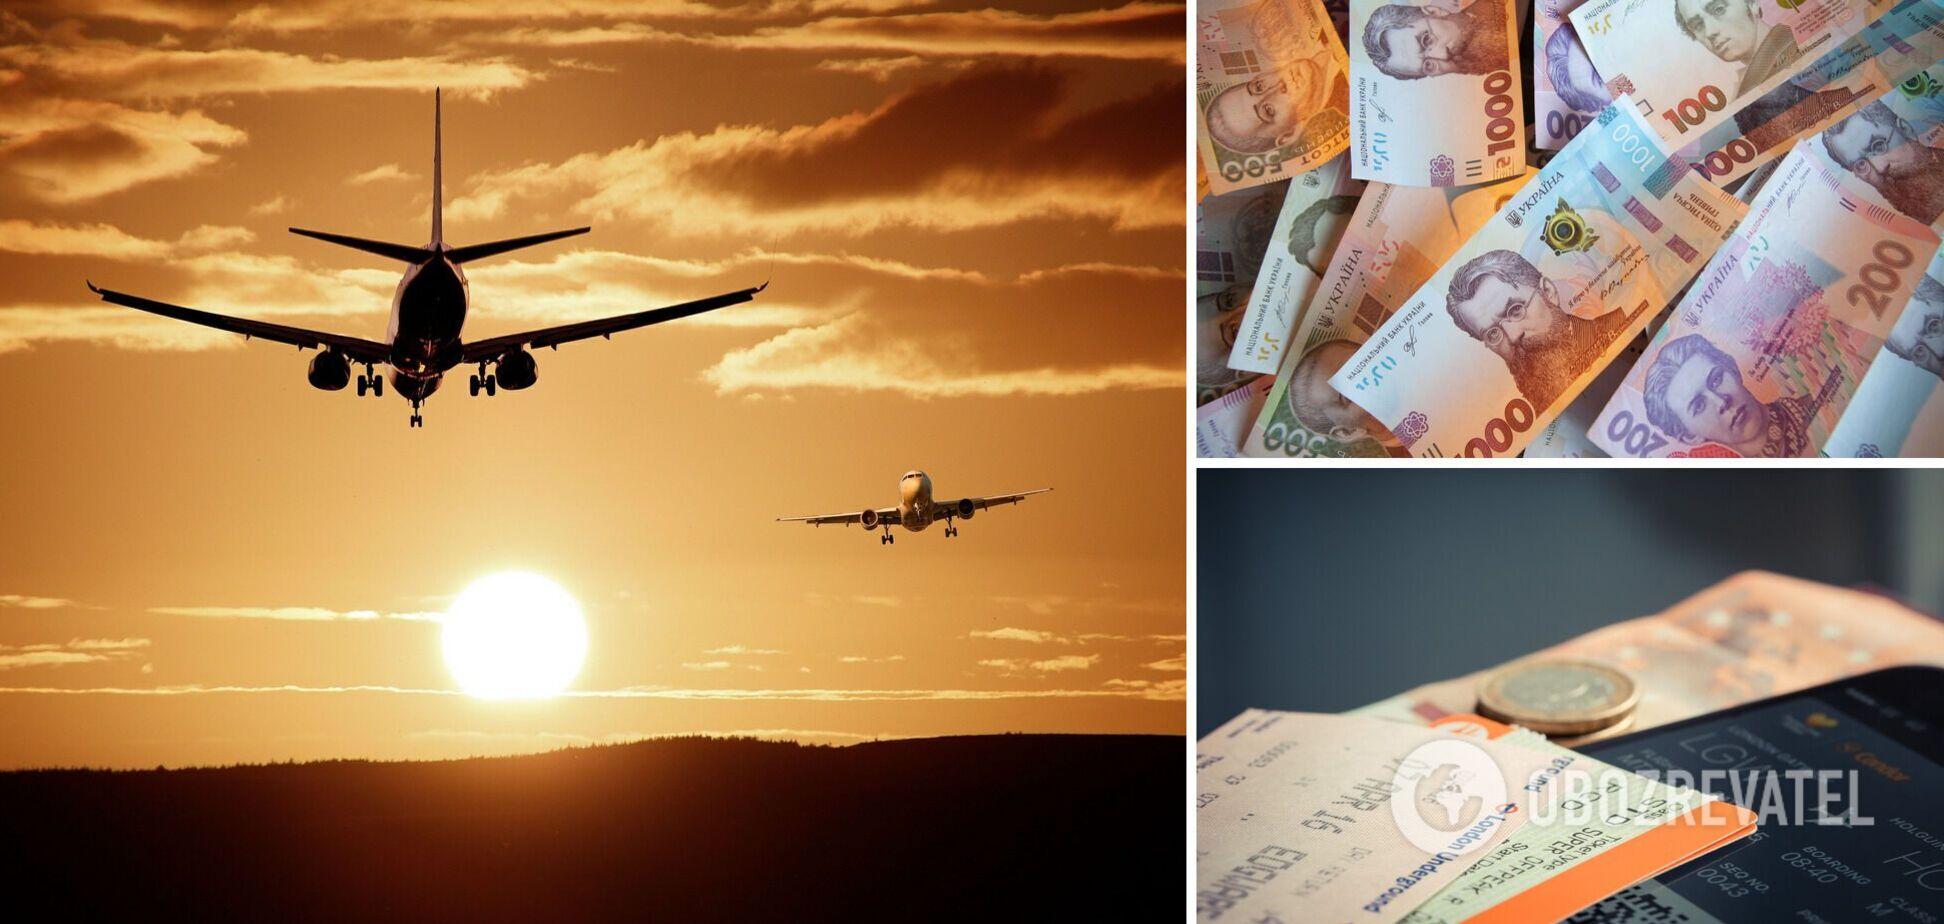 Цены на перелеты в Европу могут вырасти